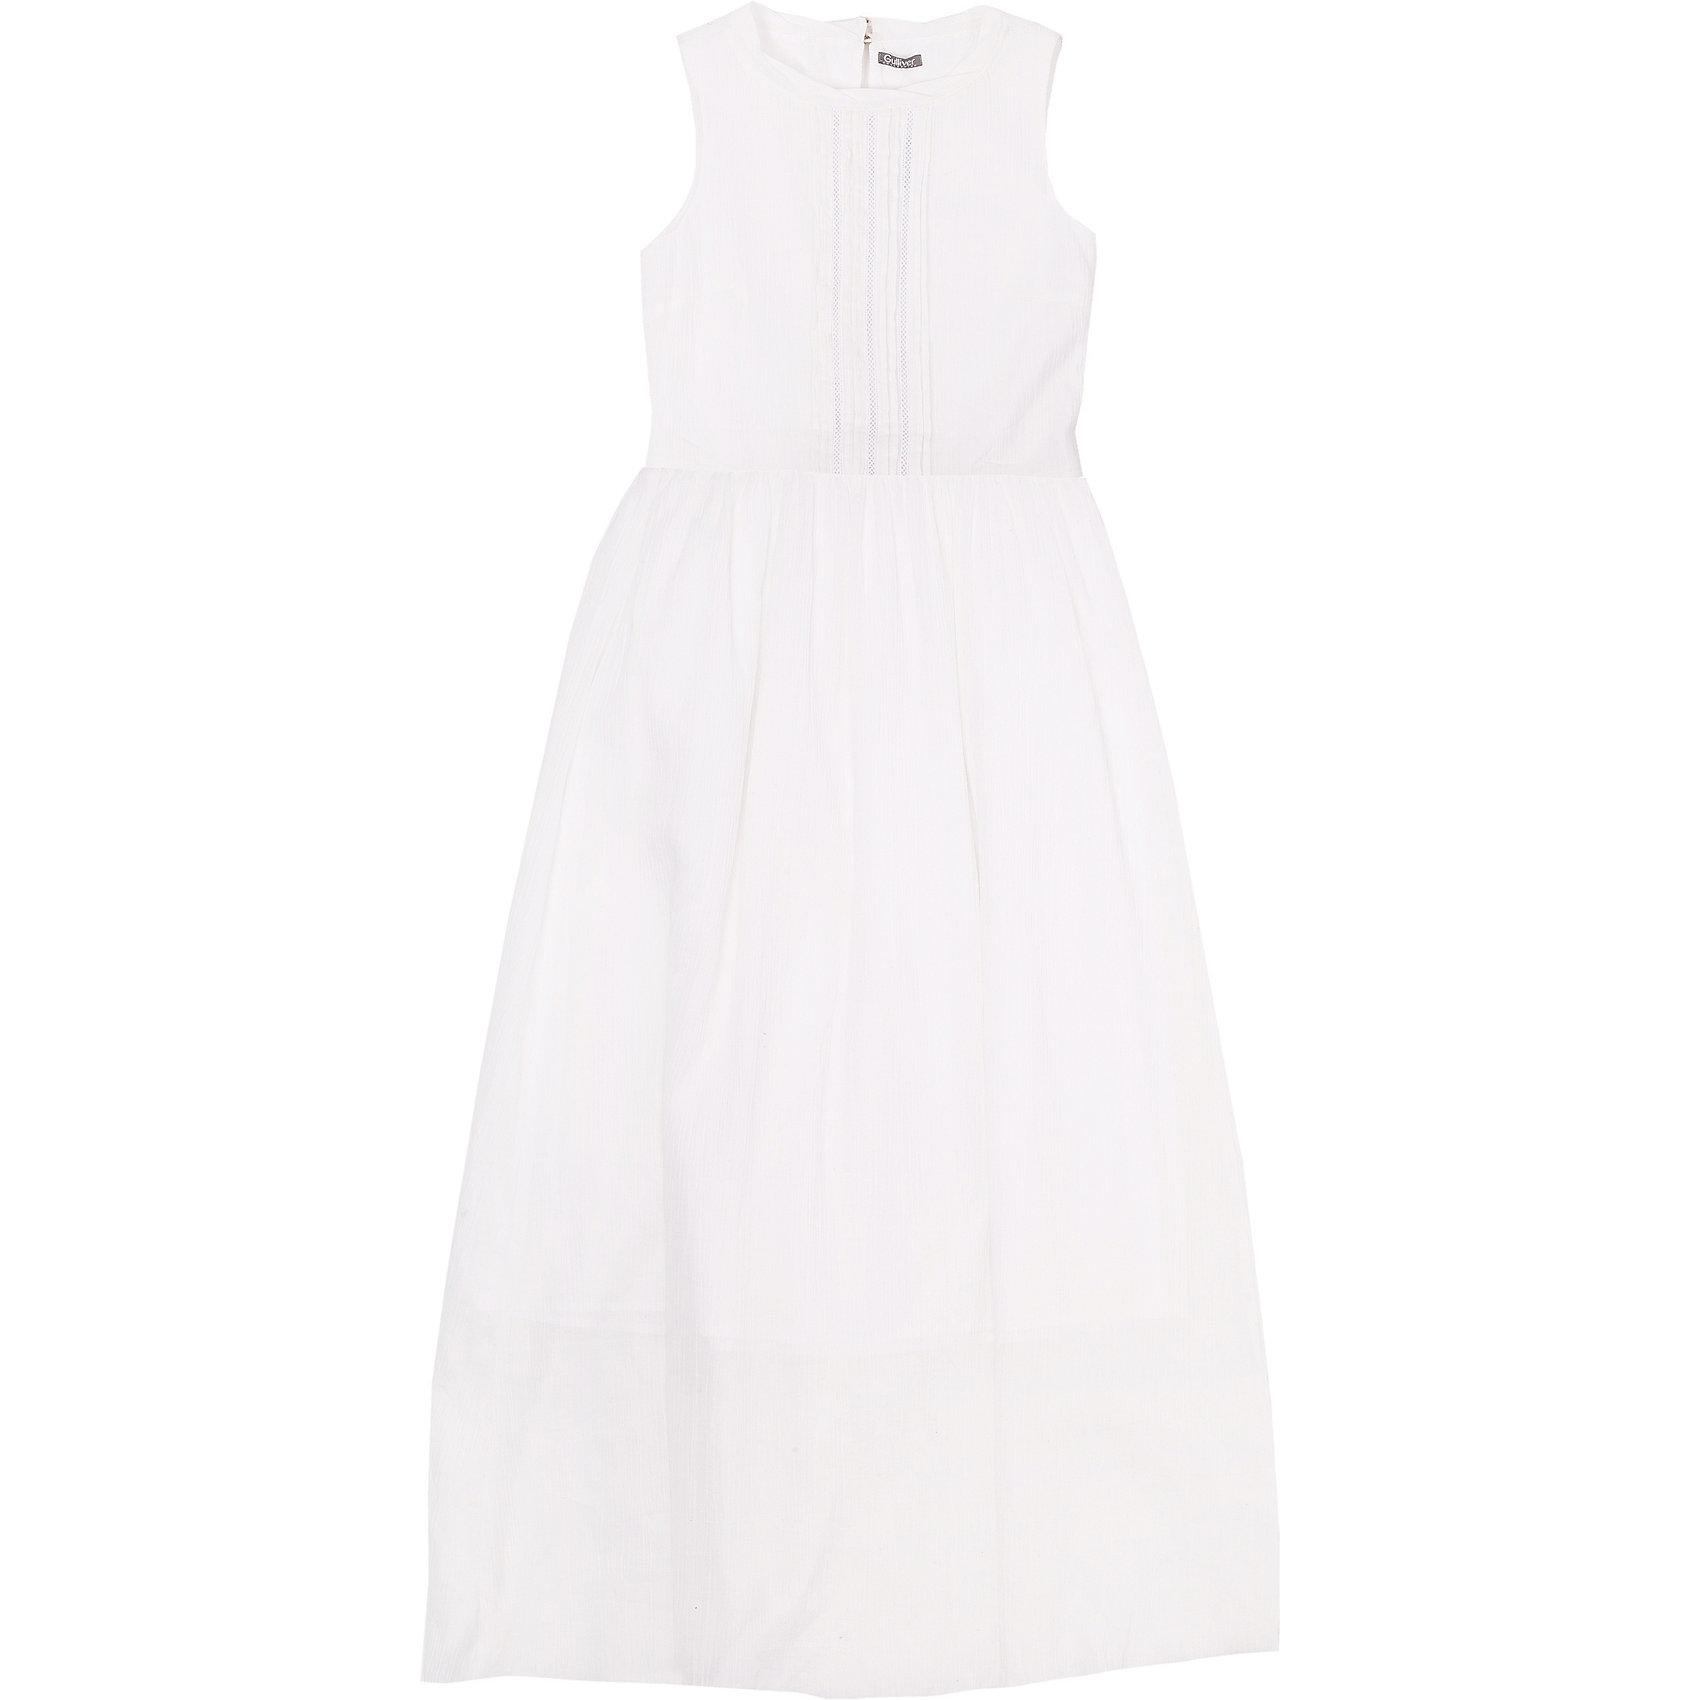 Платье для девочки GulliverОх уж эти модницы… Их летний гардероб пестрит нарядами, но разве можно устоять перед новым белым длинным платьем без рукавов? Модное летнее платье для девочки-подростка выполнено из батиста. Тонкое, нежное, изящное, платье выглядит выразительно. Передняя часть модели оформлена вертикальными защипами. Для любительниц романтического стиля платье можно дополнить  вязаным кардиганом, а тот, кто предпочитает одеваться смелее, завершит образ стильным джинсовым жилетом, создав яркий современный комплект.<br>Состав:<br>верх:               100% хлопок; подкладка:            100% хлопок<br><br>Ширина мм: 236<br>Глубина мм: 16<br>Высота мм: 184<br>Вес г: 177<br>Цвет: белый<br>Возраст от месяцев: 144<br>Возраст до месяцев: 156<br>Пол: Женский<br>Возраст: Детский<br>Размер: 158,164,146,152<br>SKU: 4535023